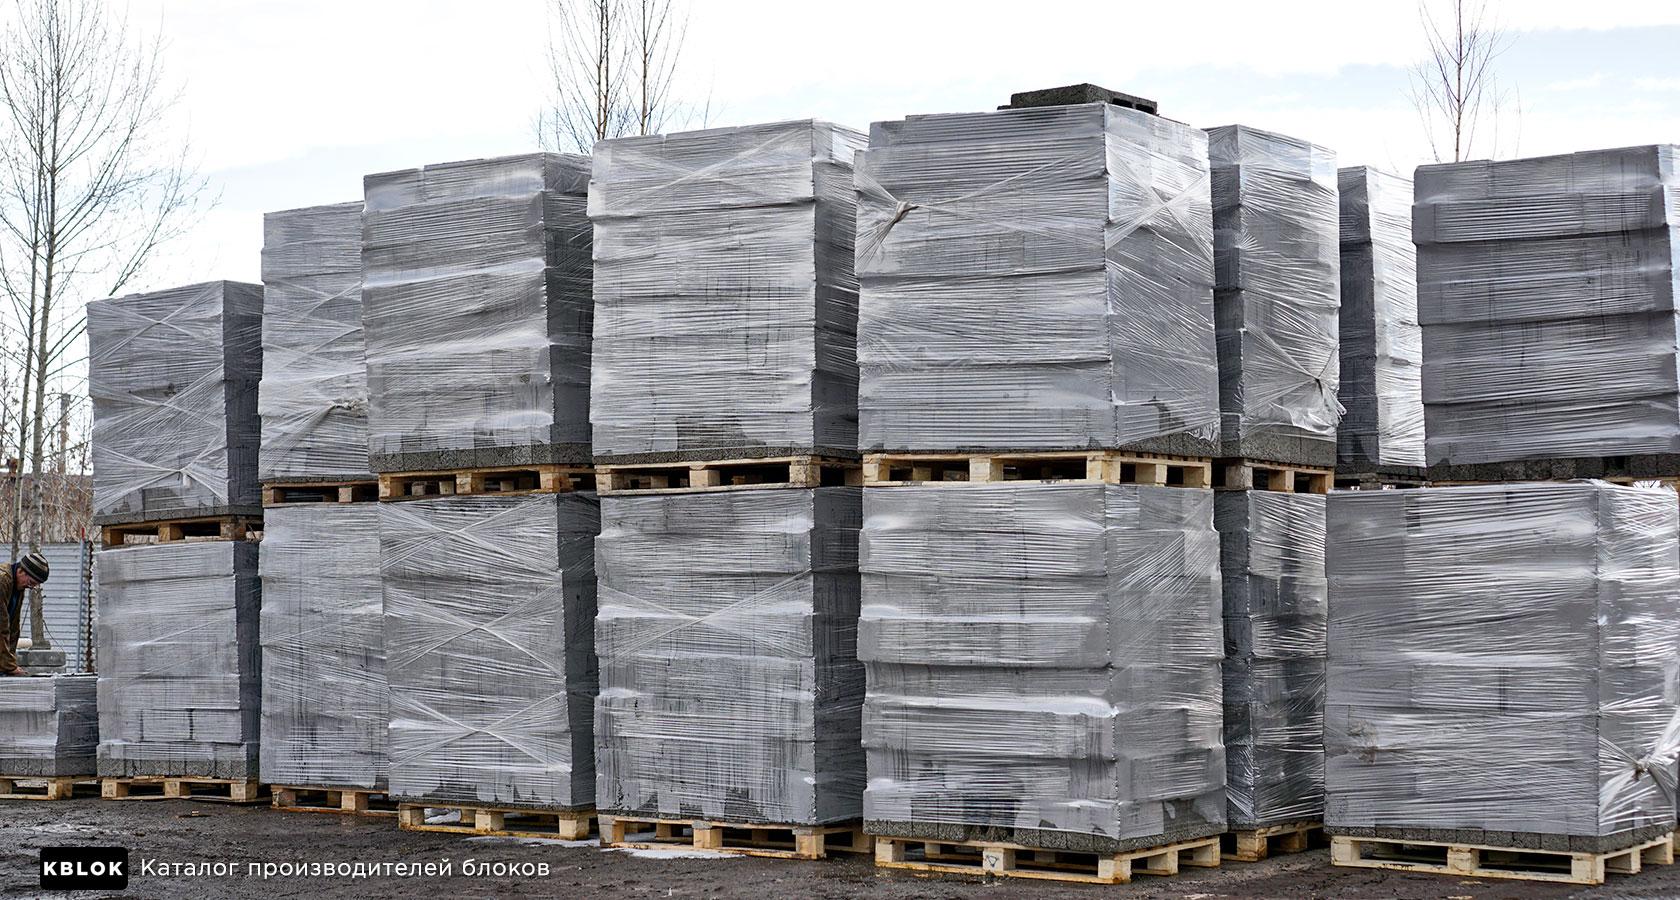 упакованные поддоны с блоками на складе